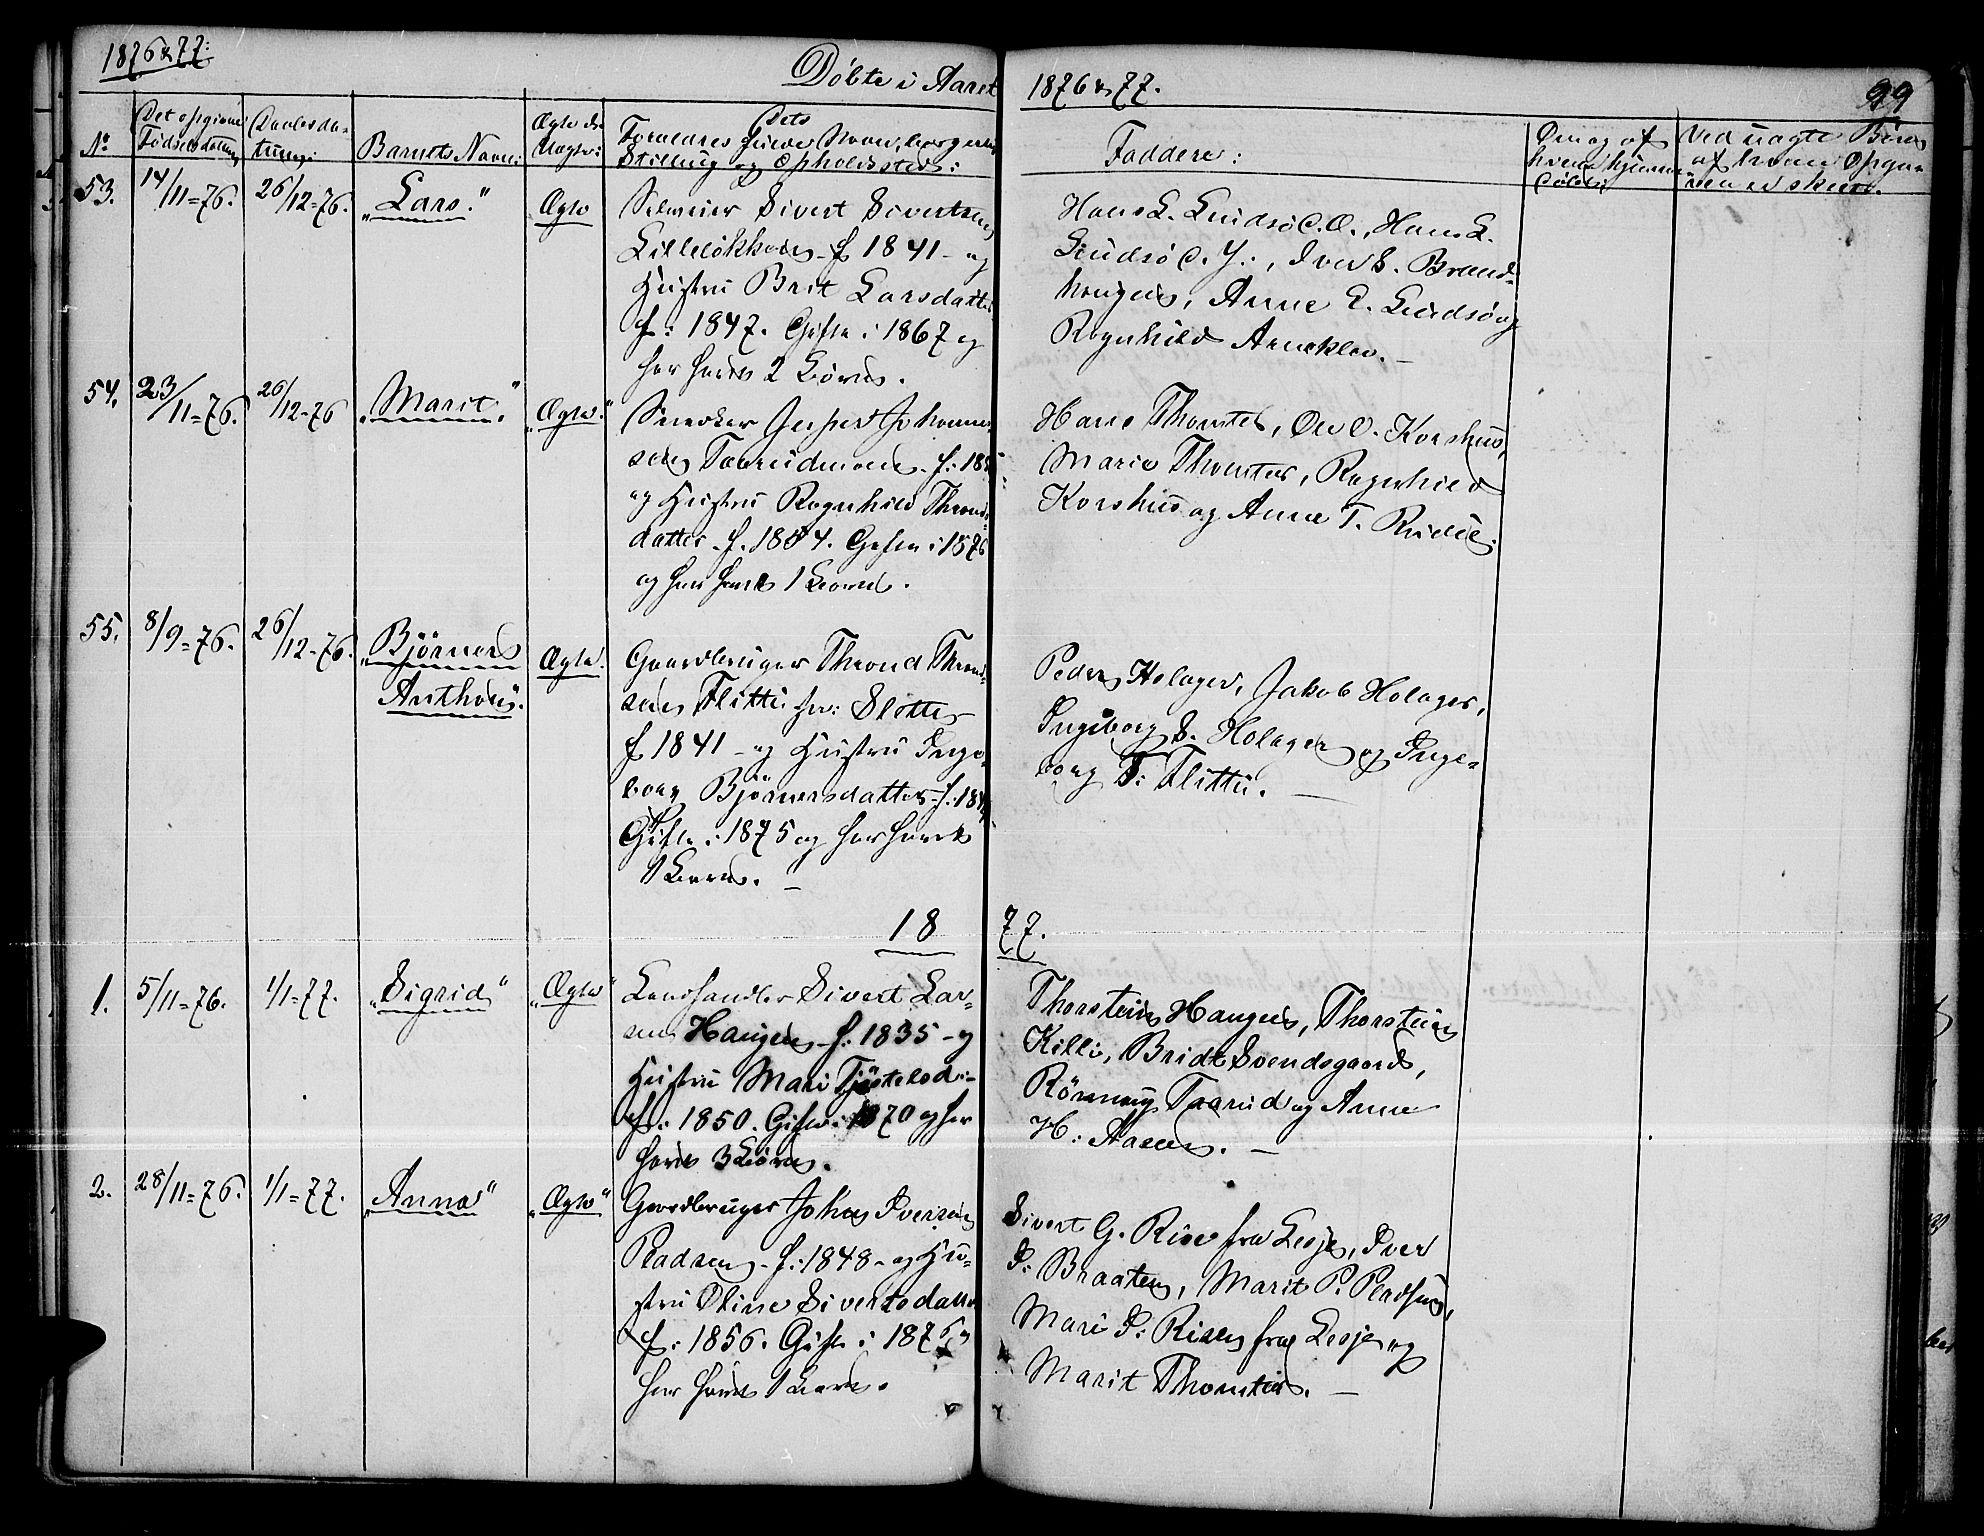 SAH, Dovre prestekontor, Klokkerbok nr. 1, 1862-1880, s. 99